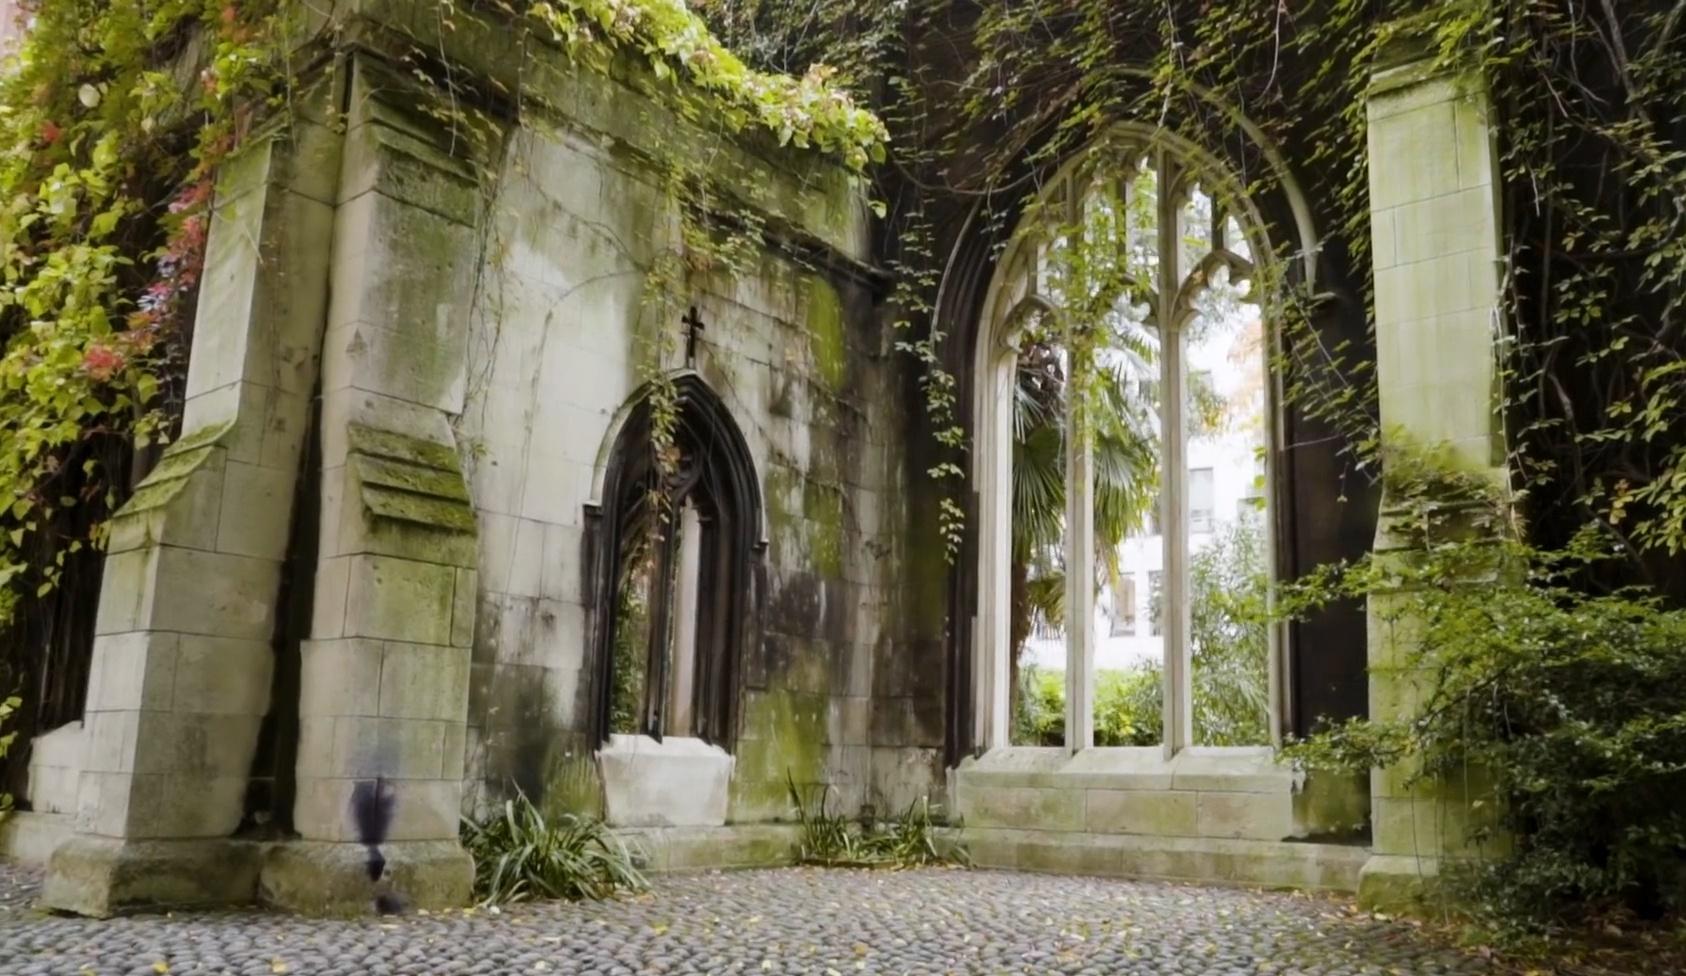 Khu vườn bí mật hơn 900 năm tuổi nằm giữa trung tâm London